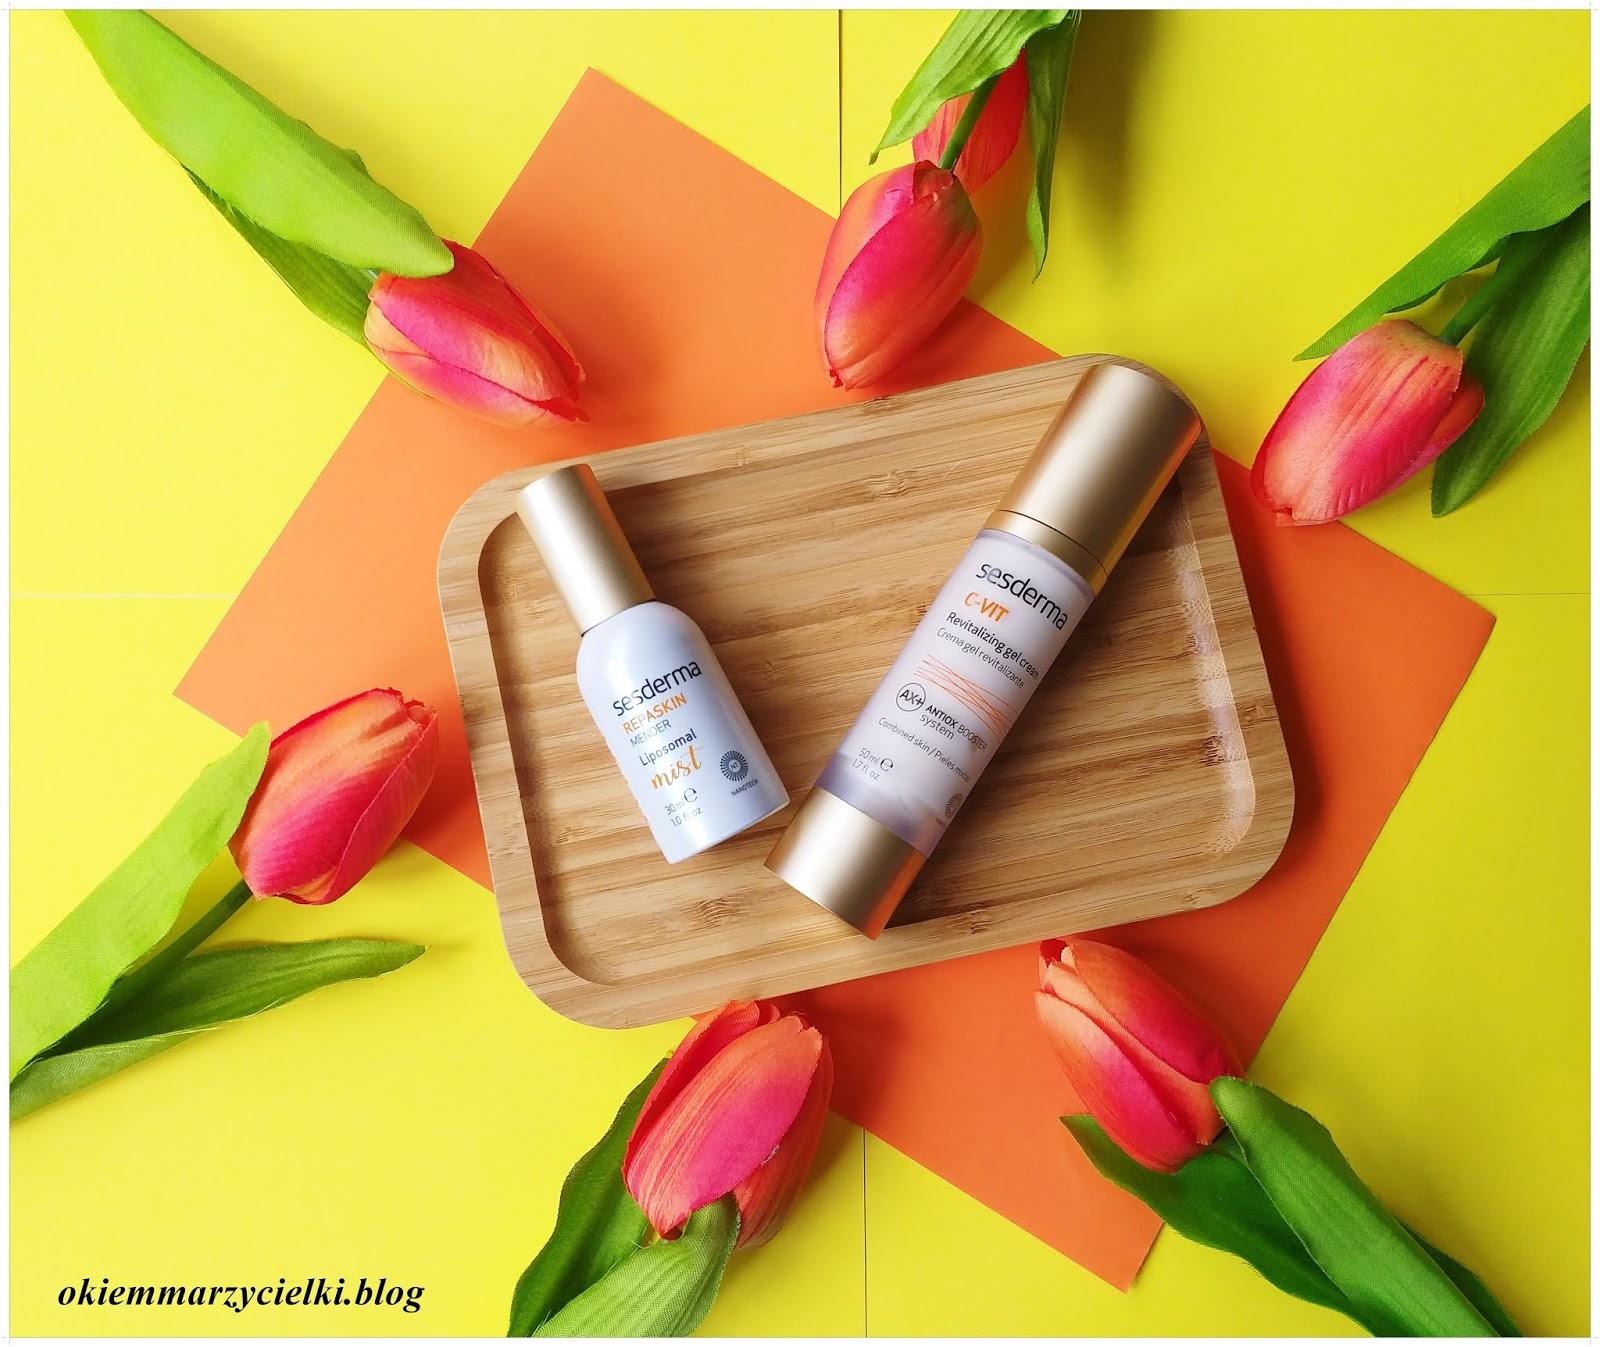 Sesderma C-Vit Revitalizing Gel Cream (Krem-żel z witaminą C) & Repaskin Mender Liposomal Mist  (Mgiełka naprawcza do twarzy),Topestetic-recenzja #130